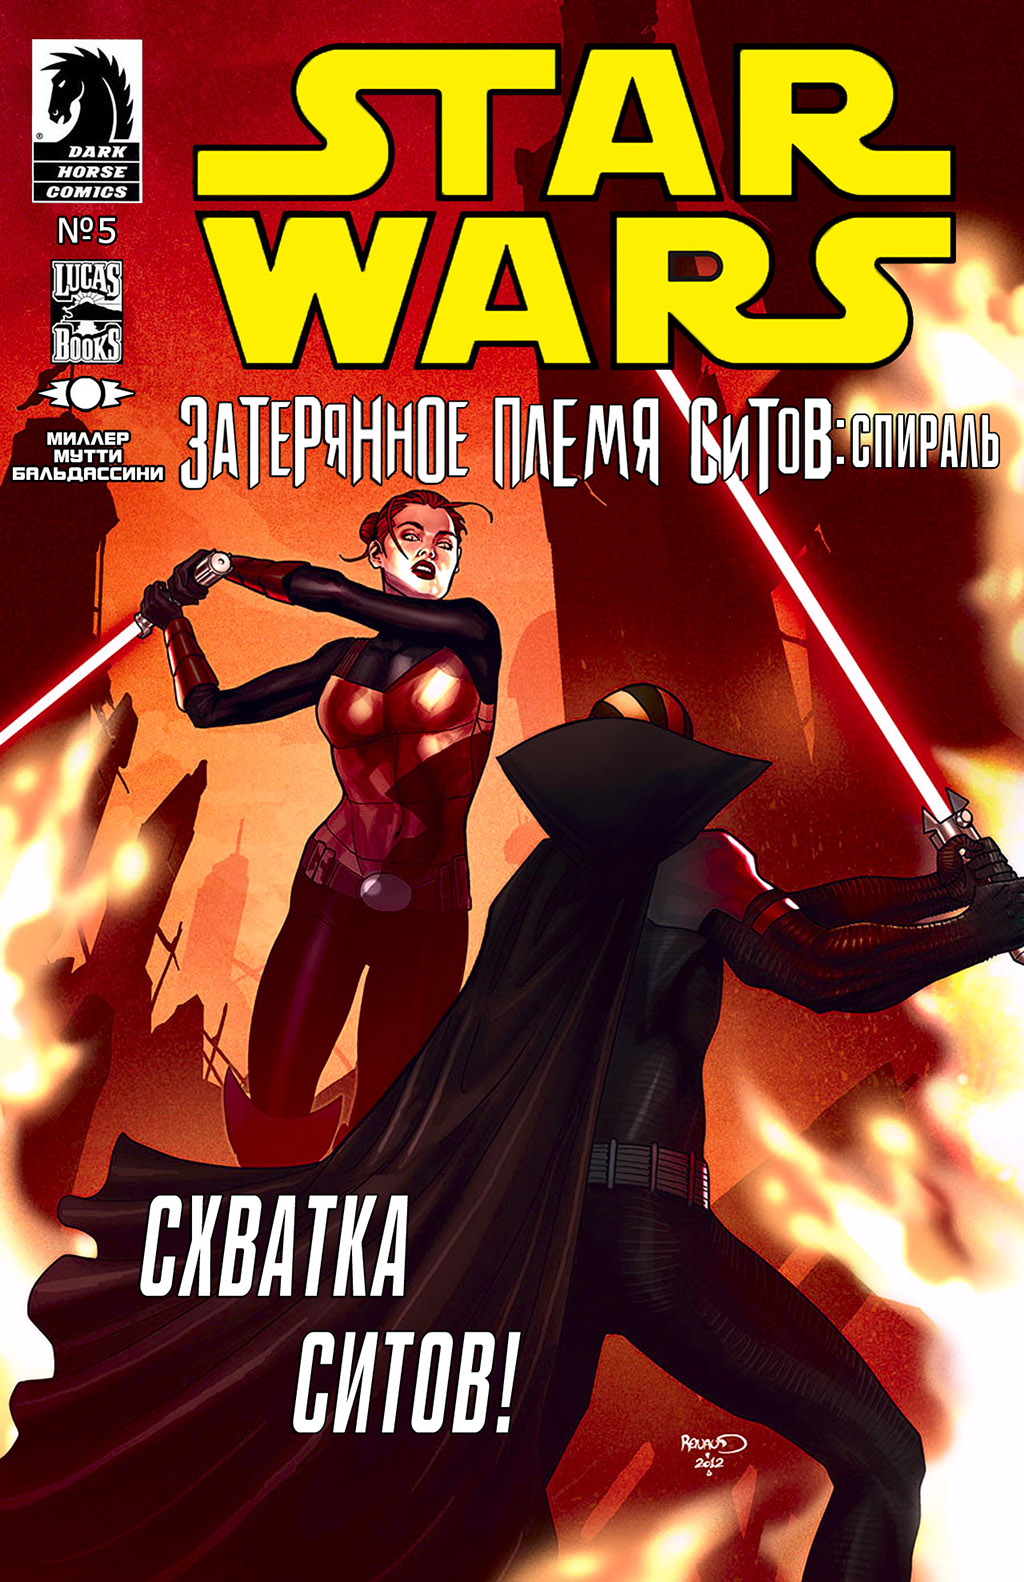 Комикс Звёздные Войны - Затерянное племя ситов: Спираль